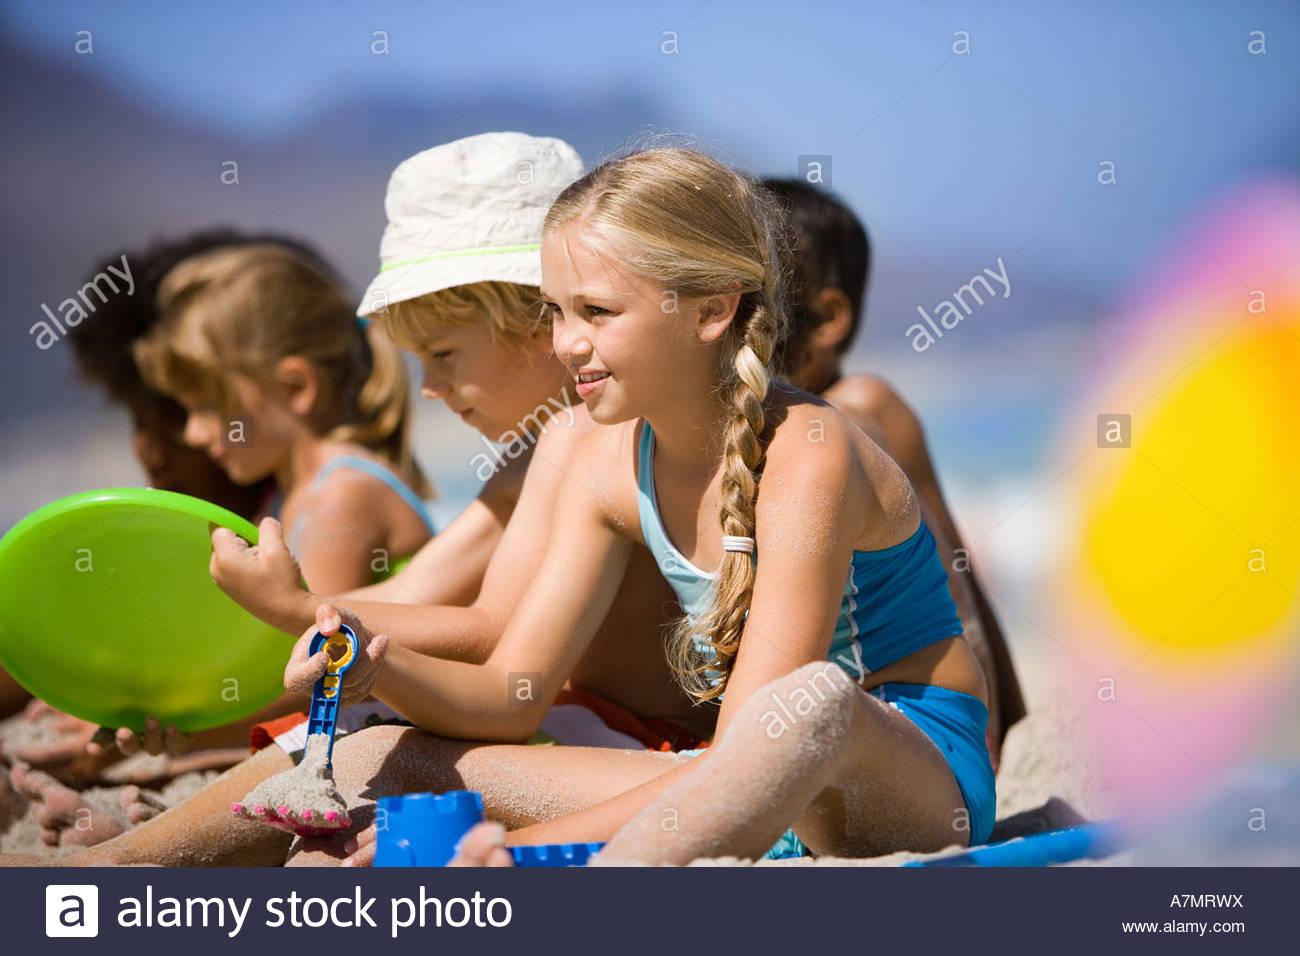 4 9 niños sentados en línea en Playa Vista lateral sonriente enfoque diferencial Imagen De Stock